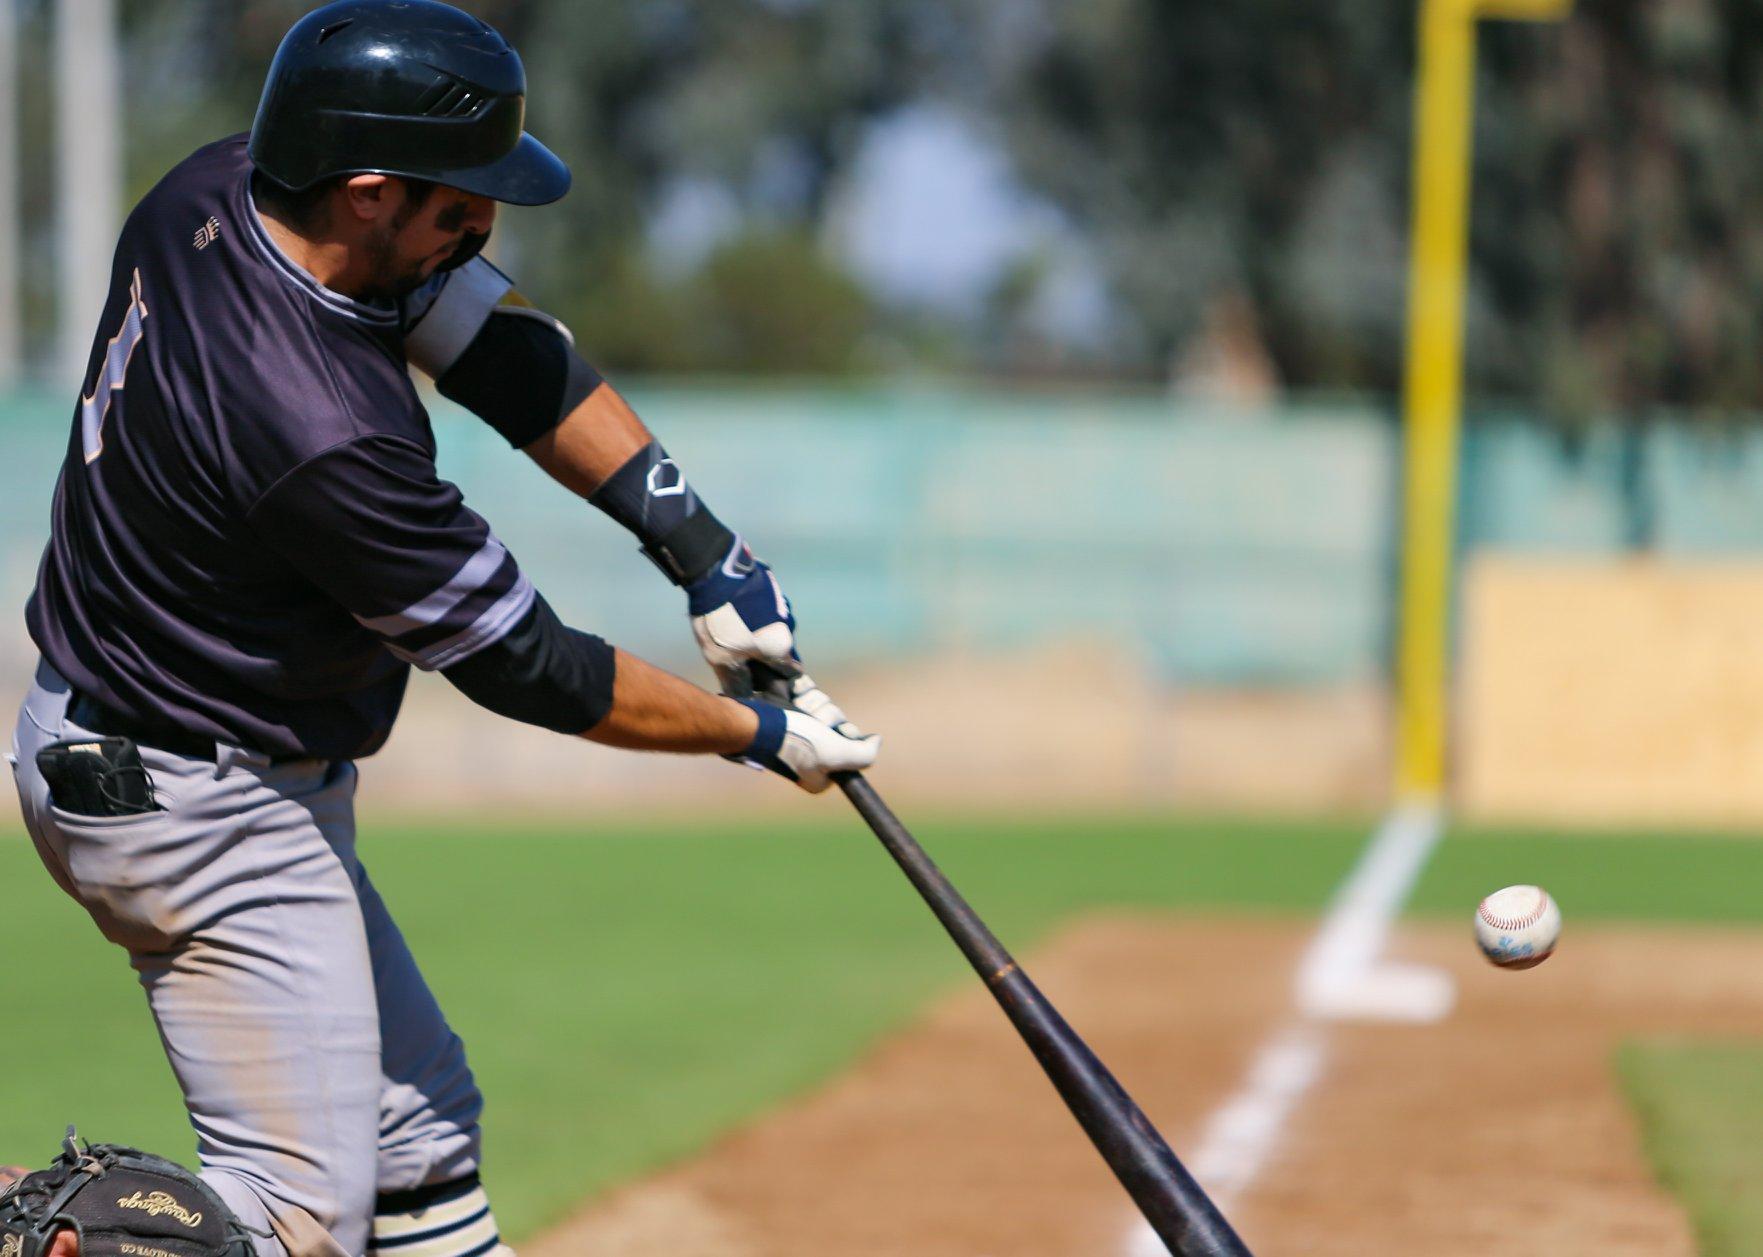 Prospect Academy se despide dignamente, 3-2 a Royals en Estatal de Beisbol INDEBC 2020